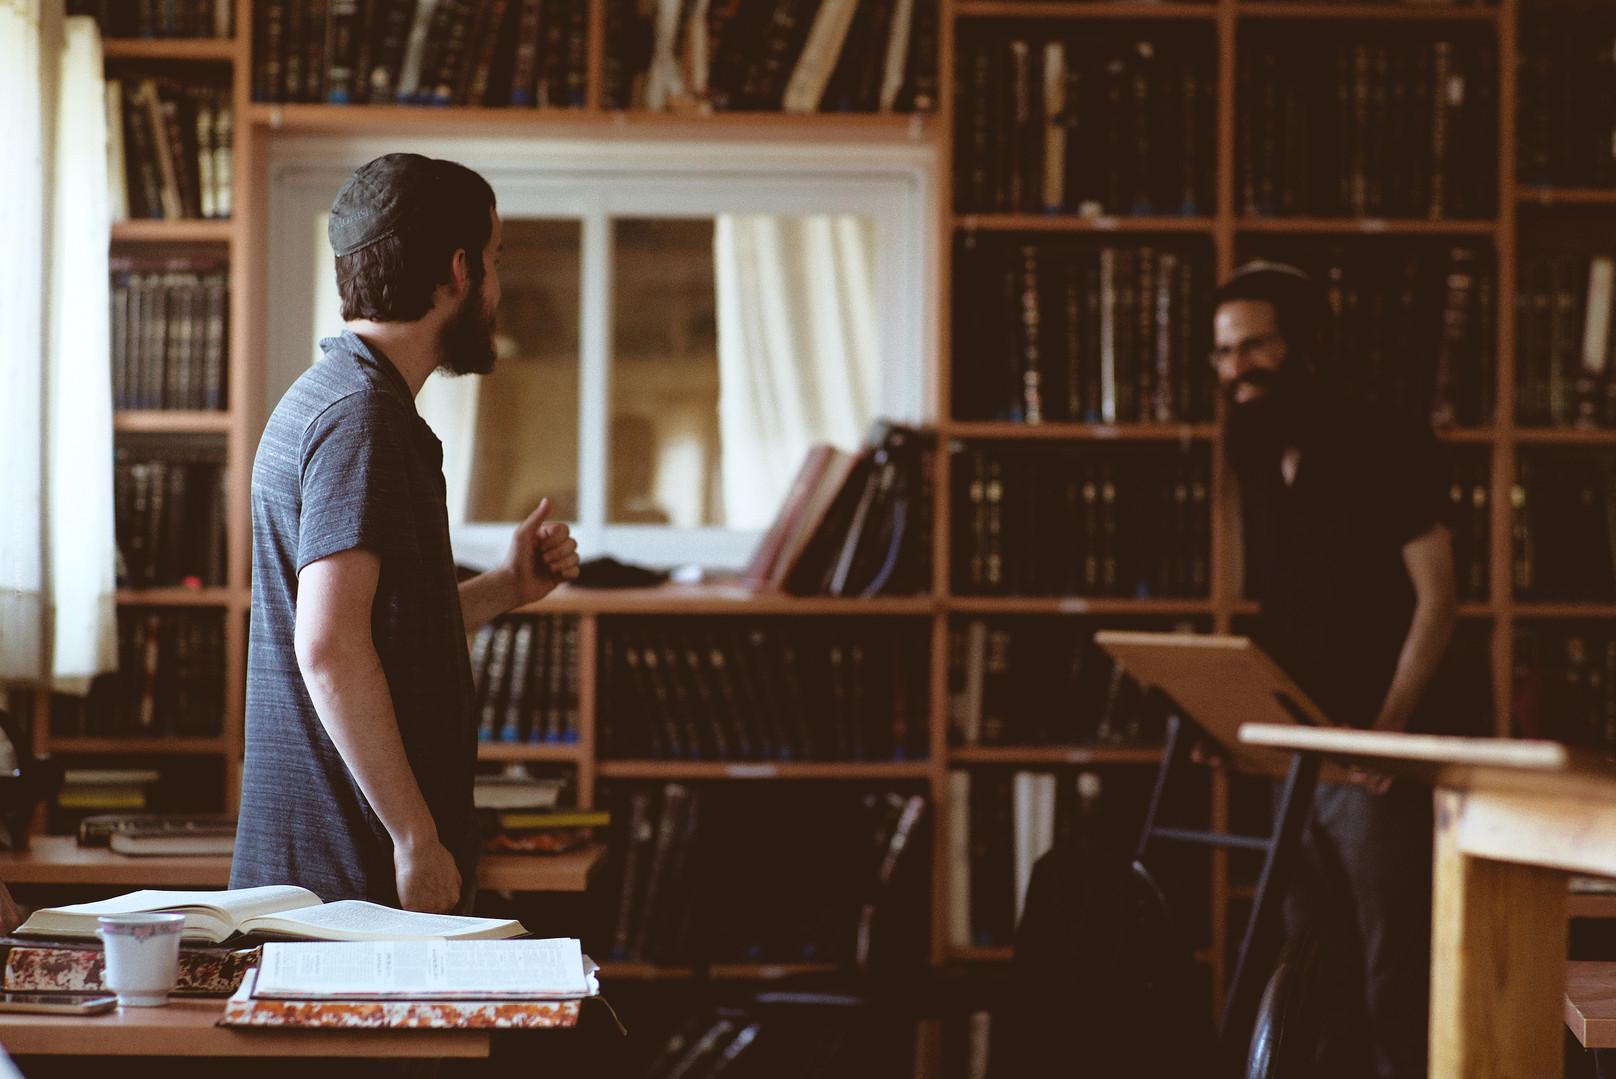 ישיבת תקוע - לומדים בבית המדרש